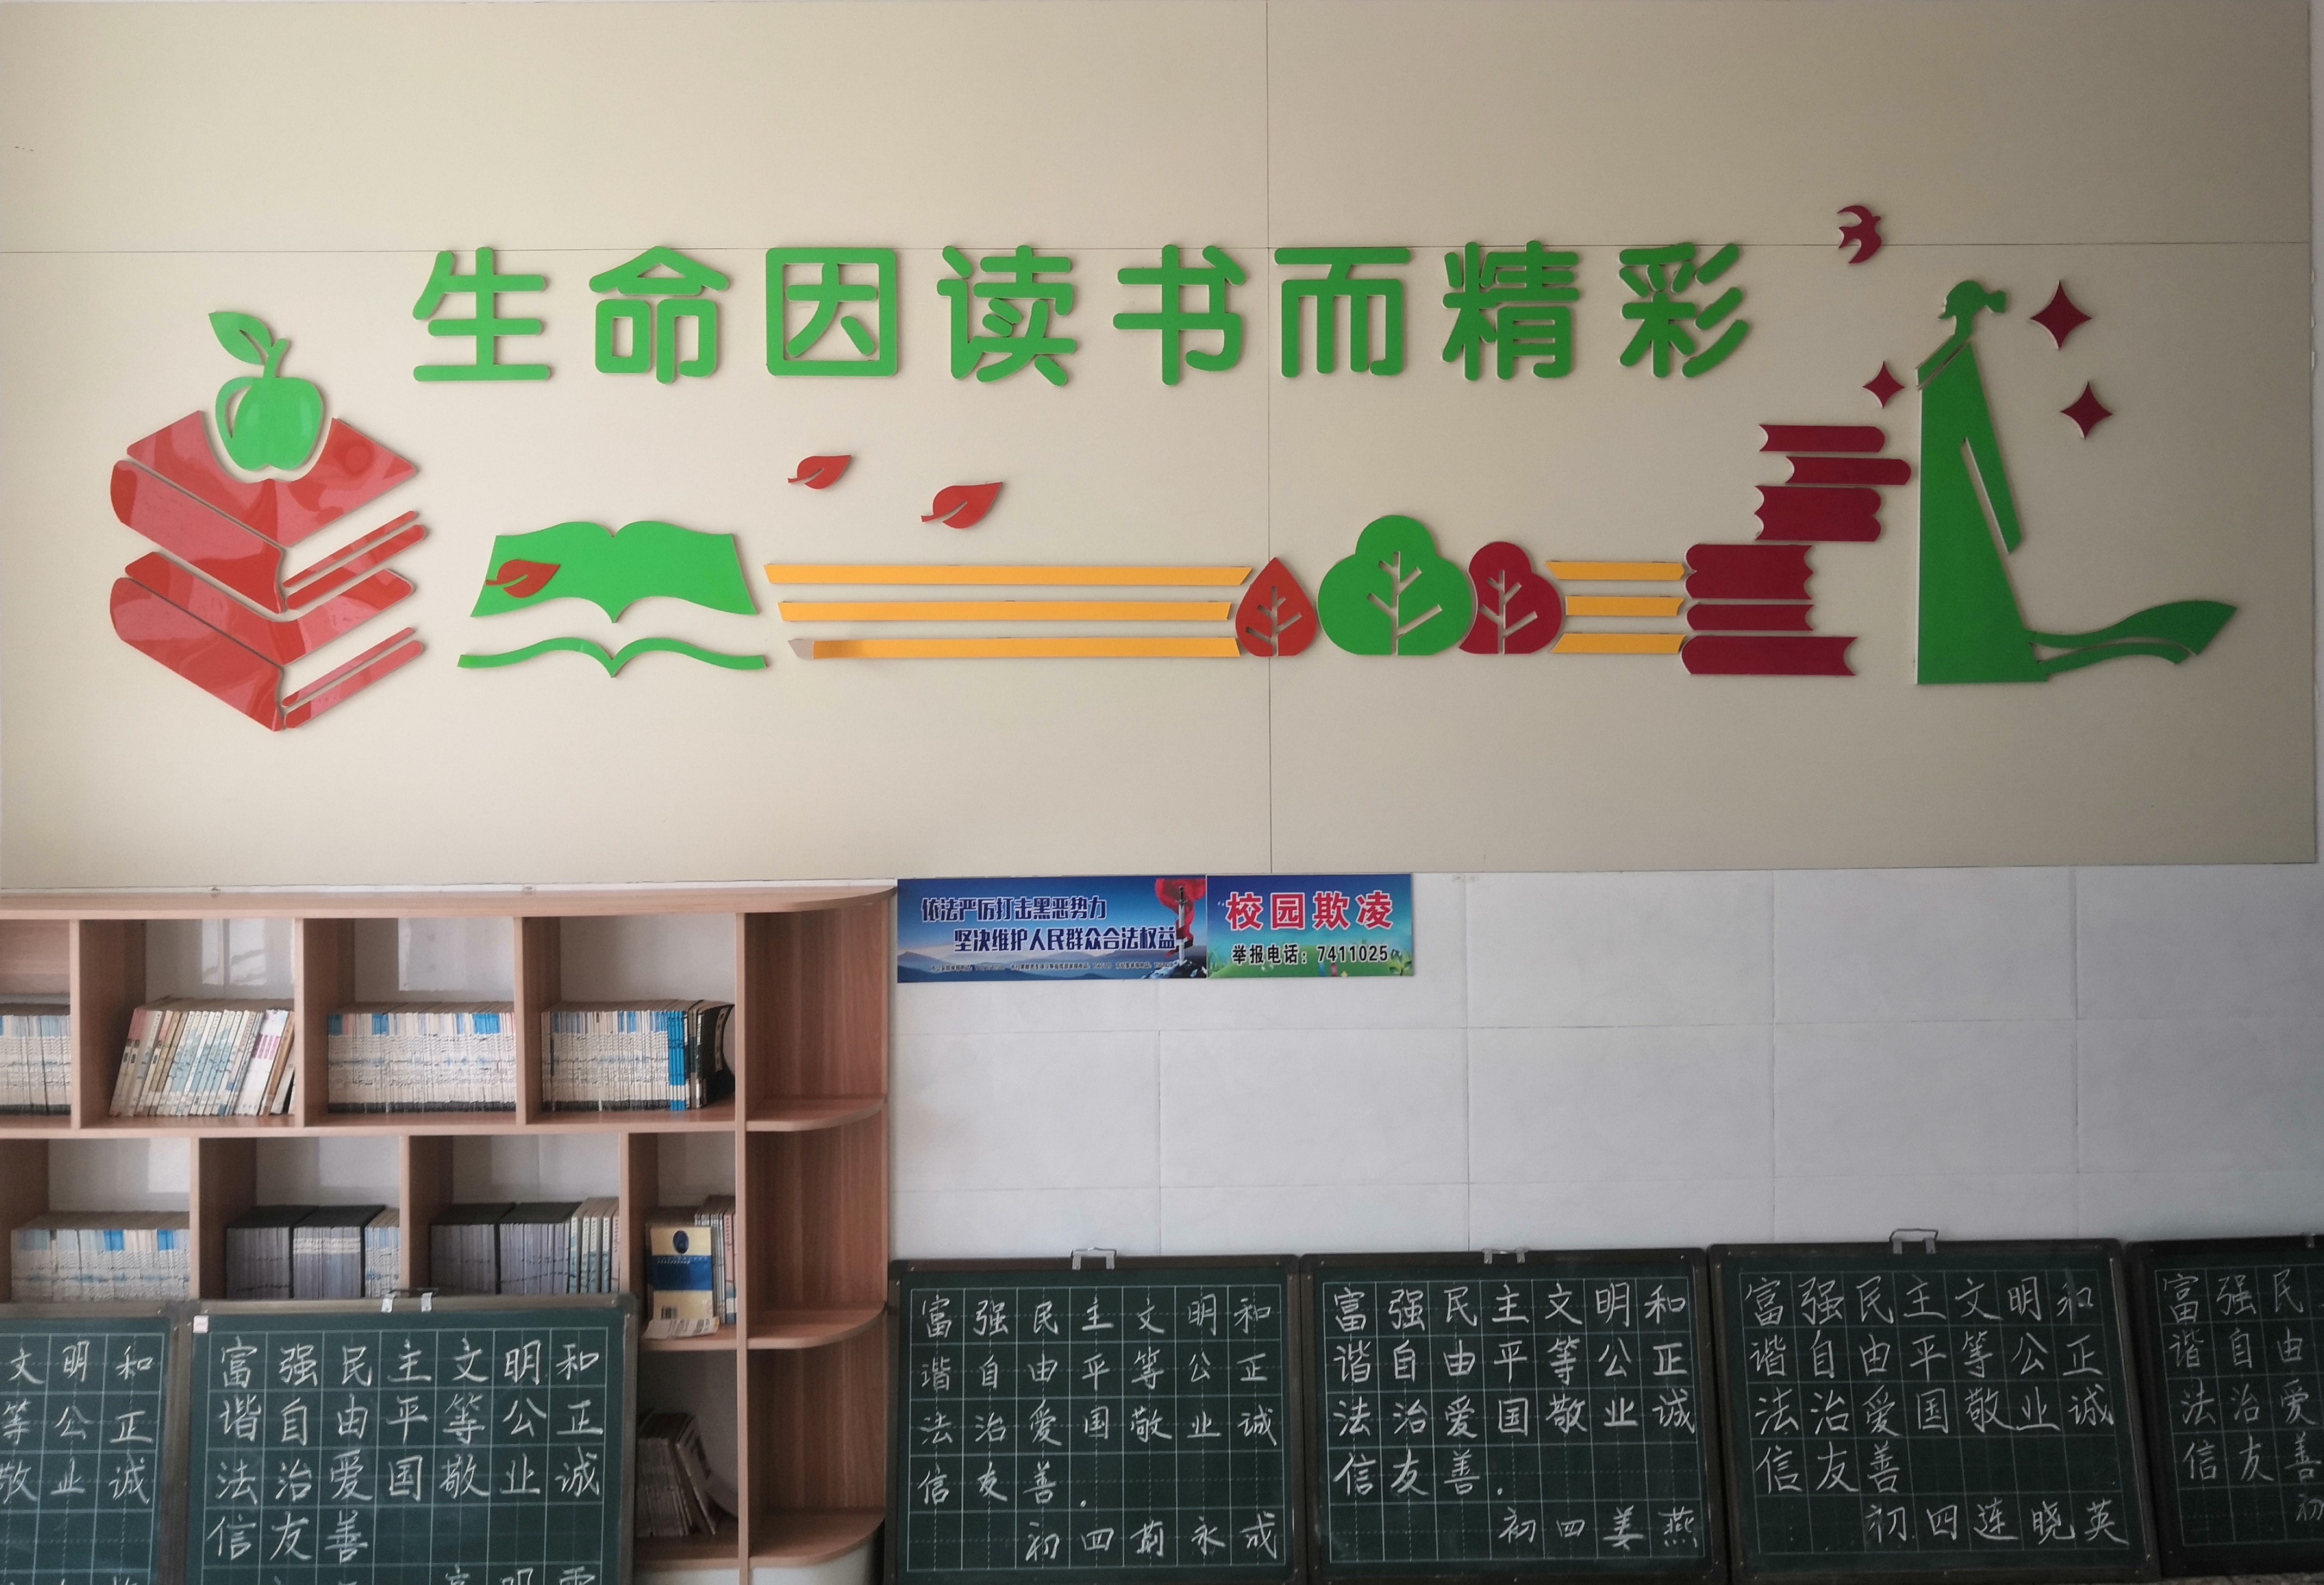 威海市荣成市第三十三中学建设文化走廊 美化育人环境